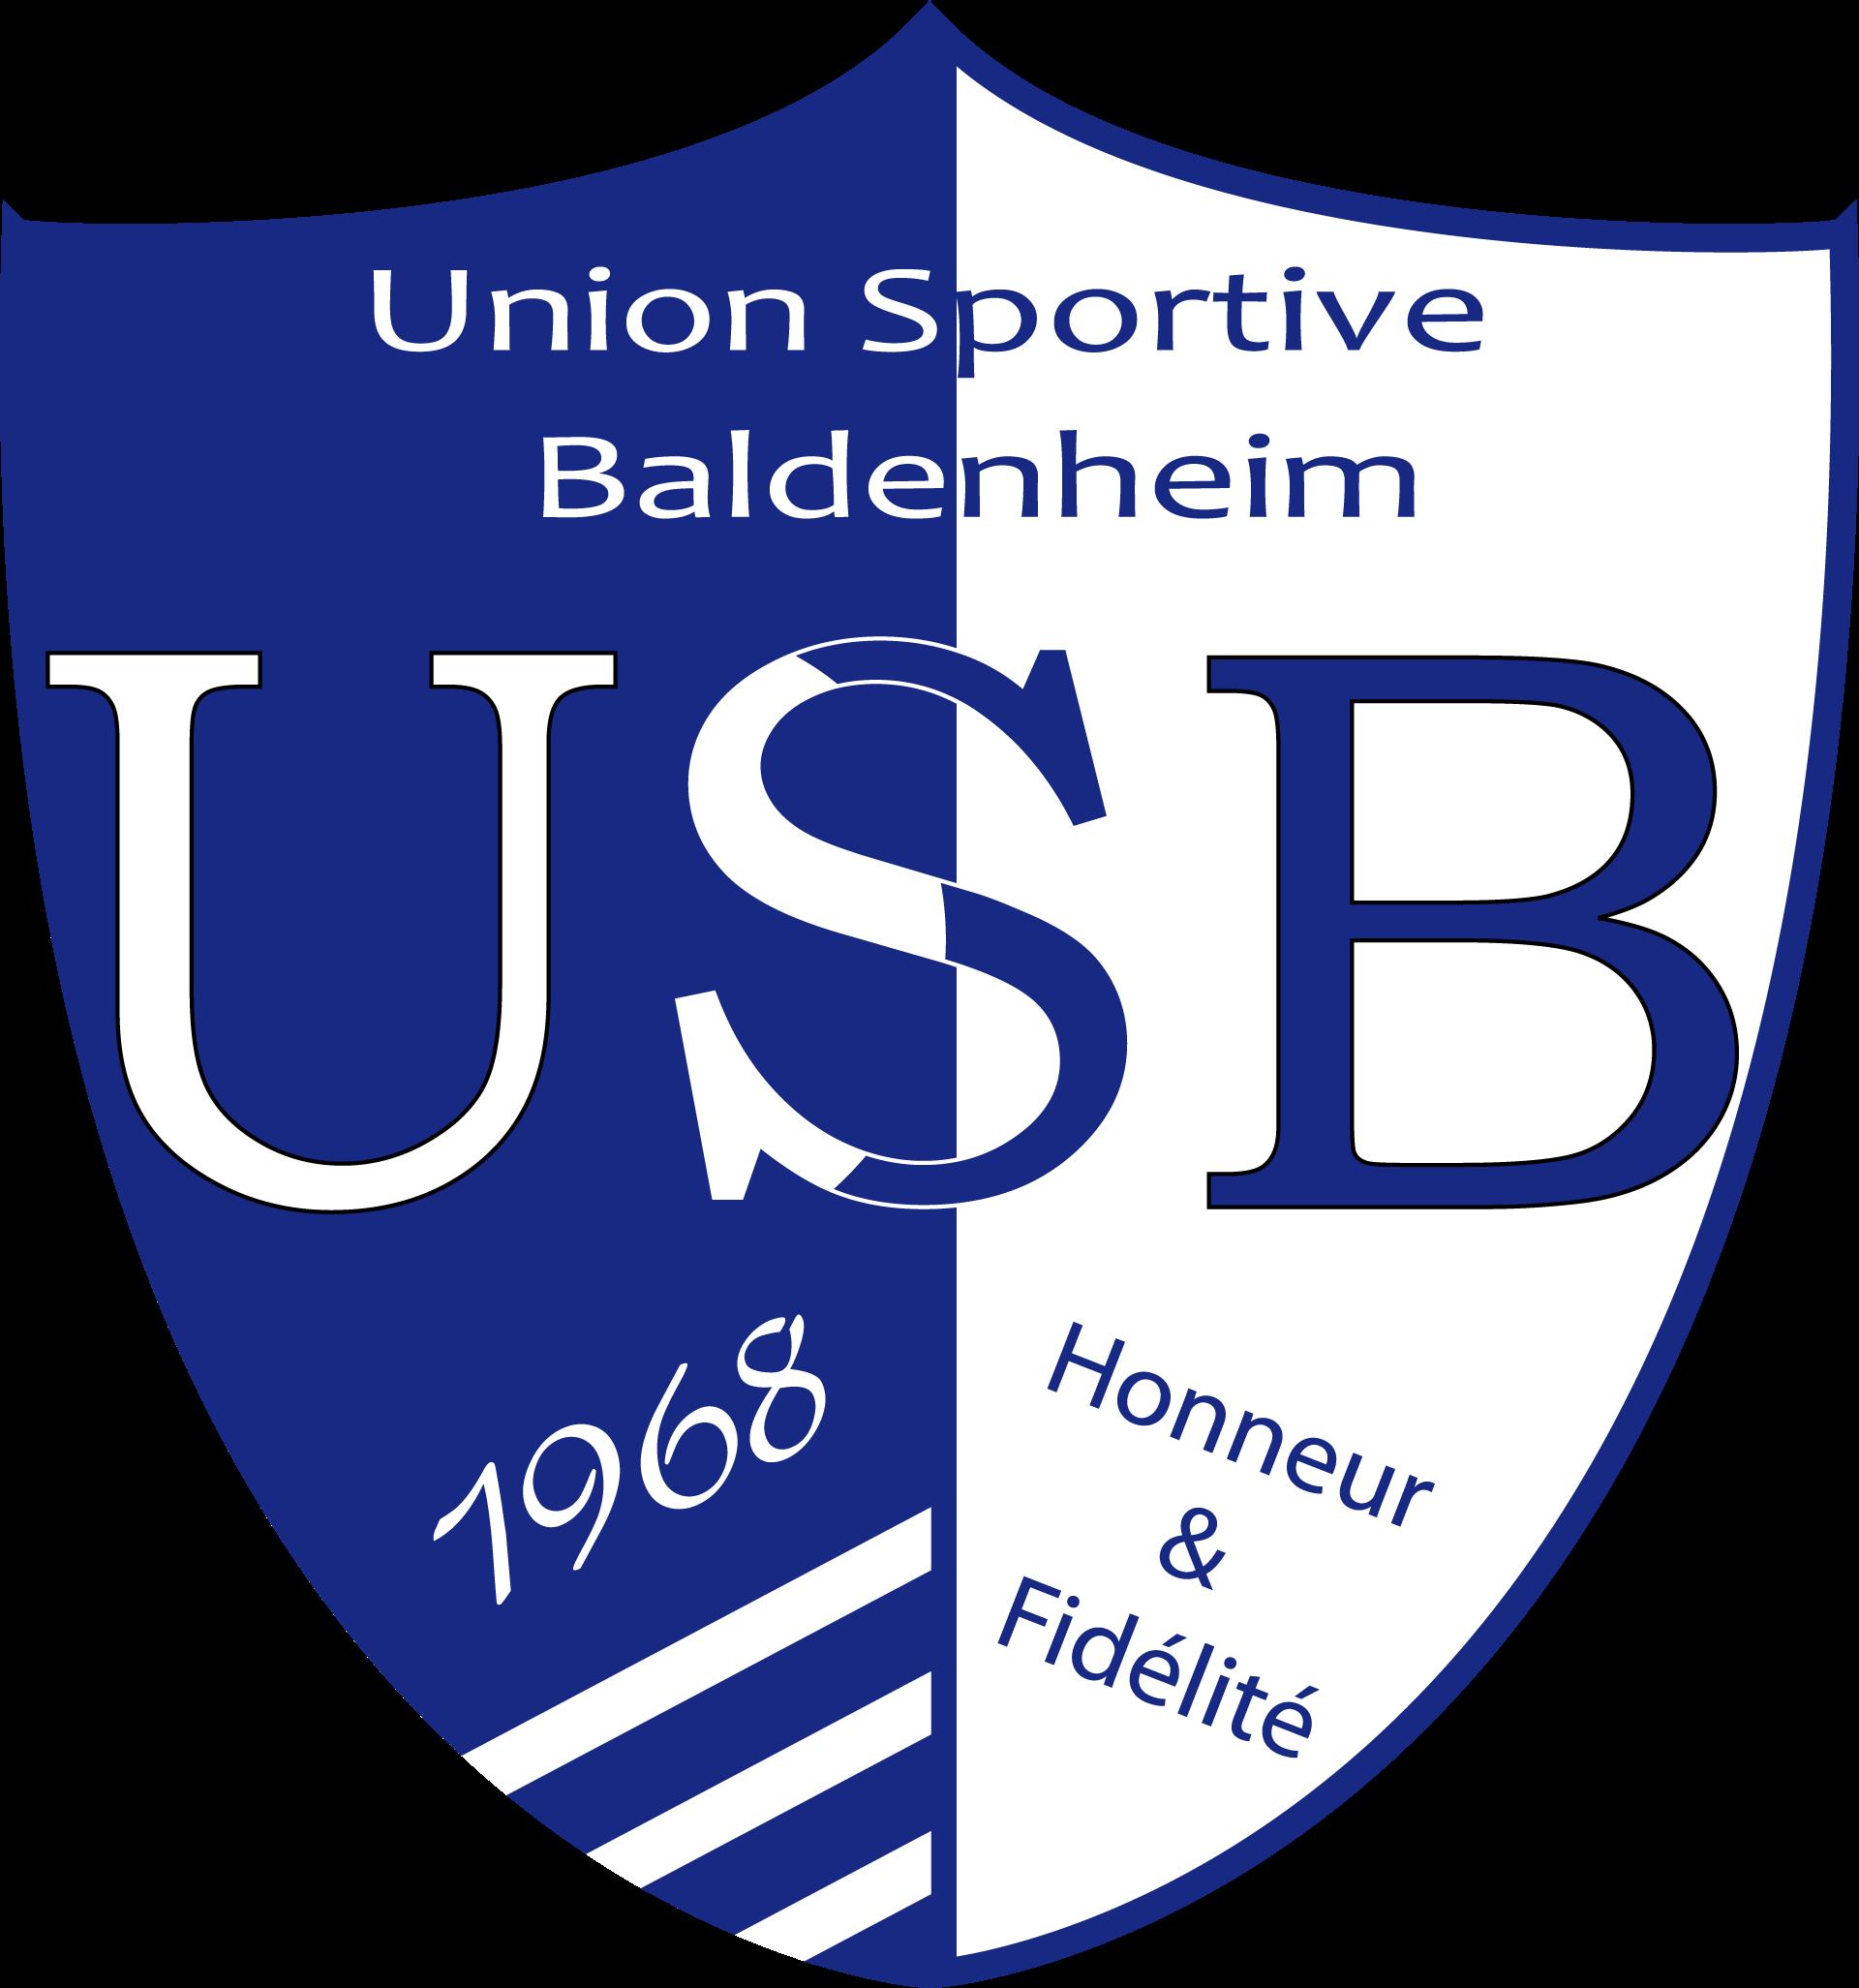 Union Sportive de Baldenheim